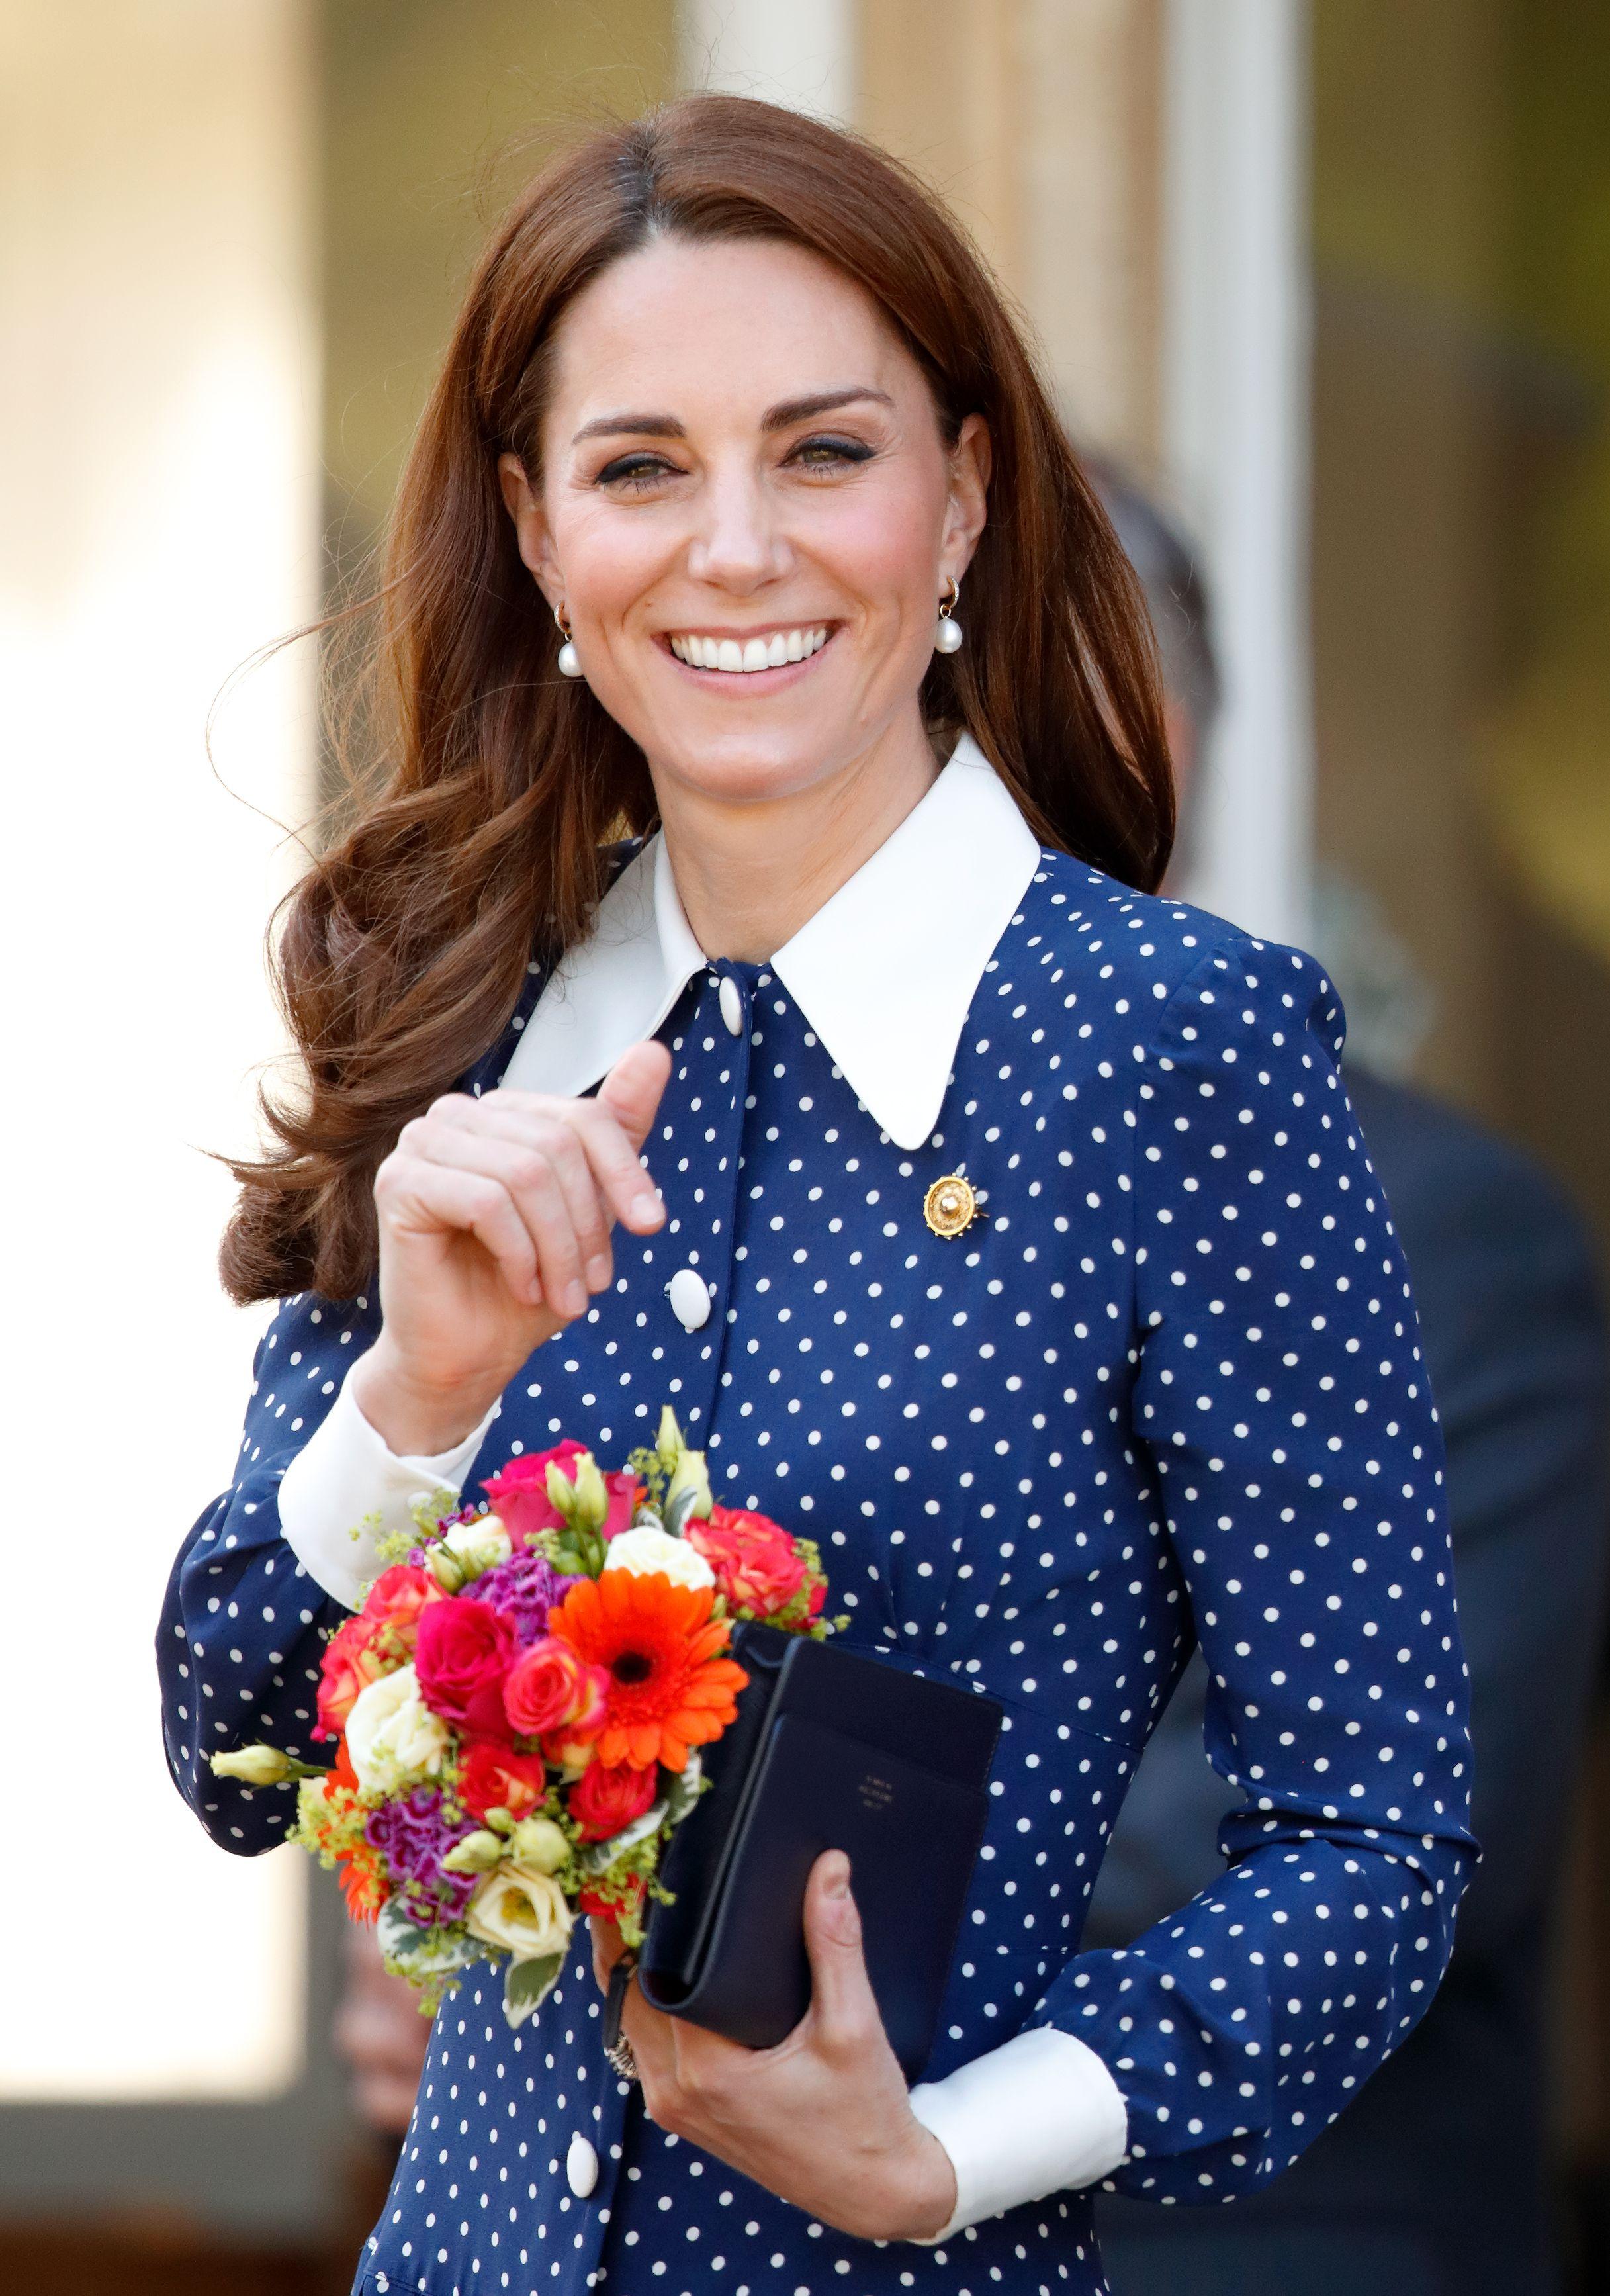 Kate Middleton Duchess Of Cambridge : middleton, duchess, cambridge, Middleton, Spent, Ninth, Wedding, Anniversary